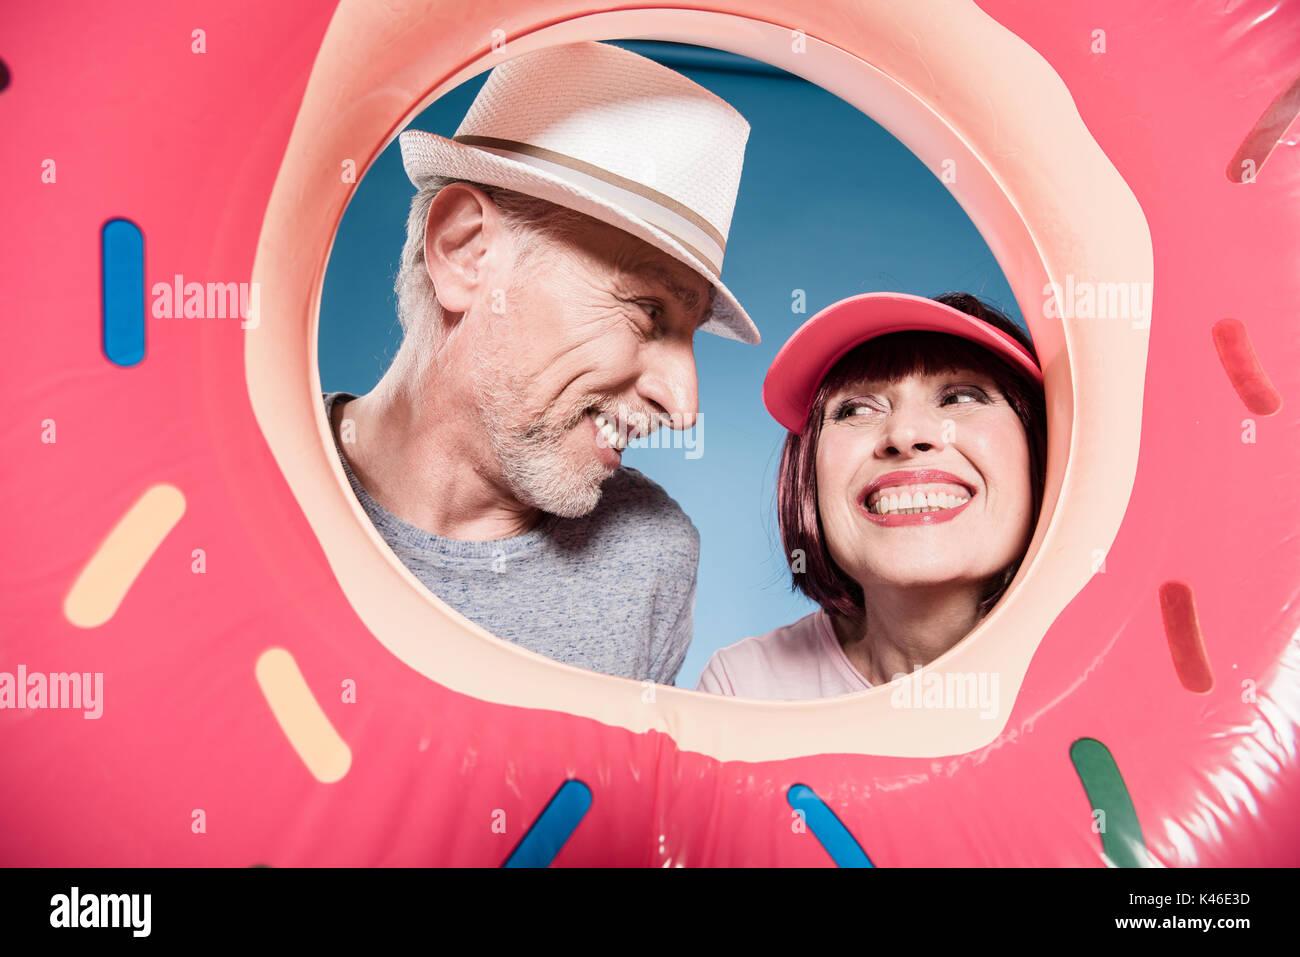 Portrait of smiling couple de personnes âgées sans souci en tube de natation Photo Stock